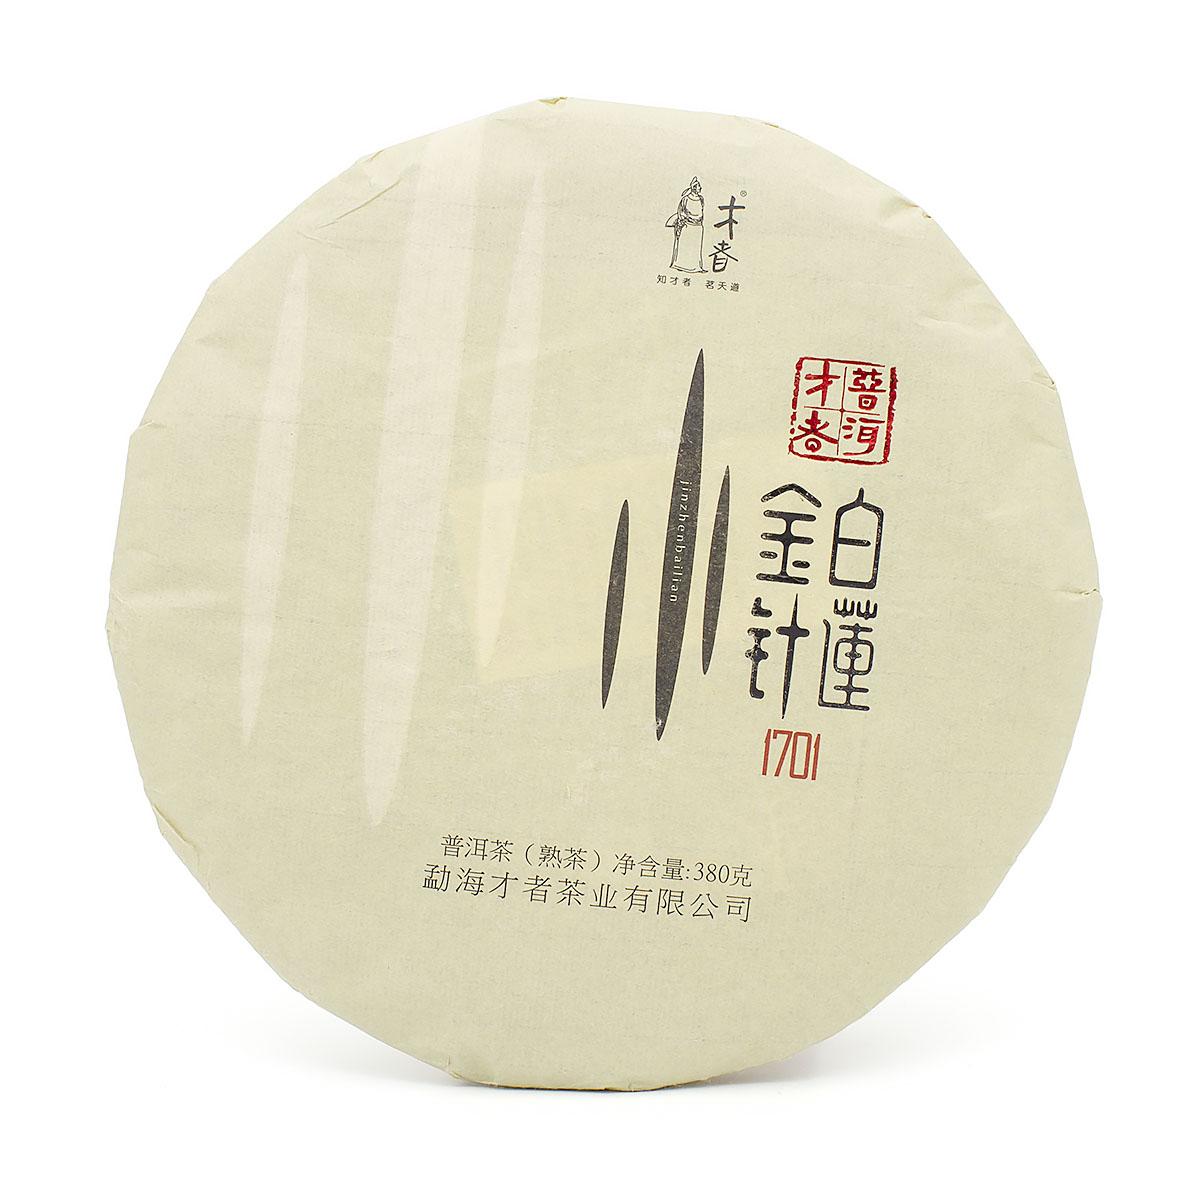 Шу Пуэр Цзин Чжень Бай Лянь, фабрика Цай Чже, 2016 г, блин, 357 гр.